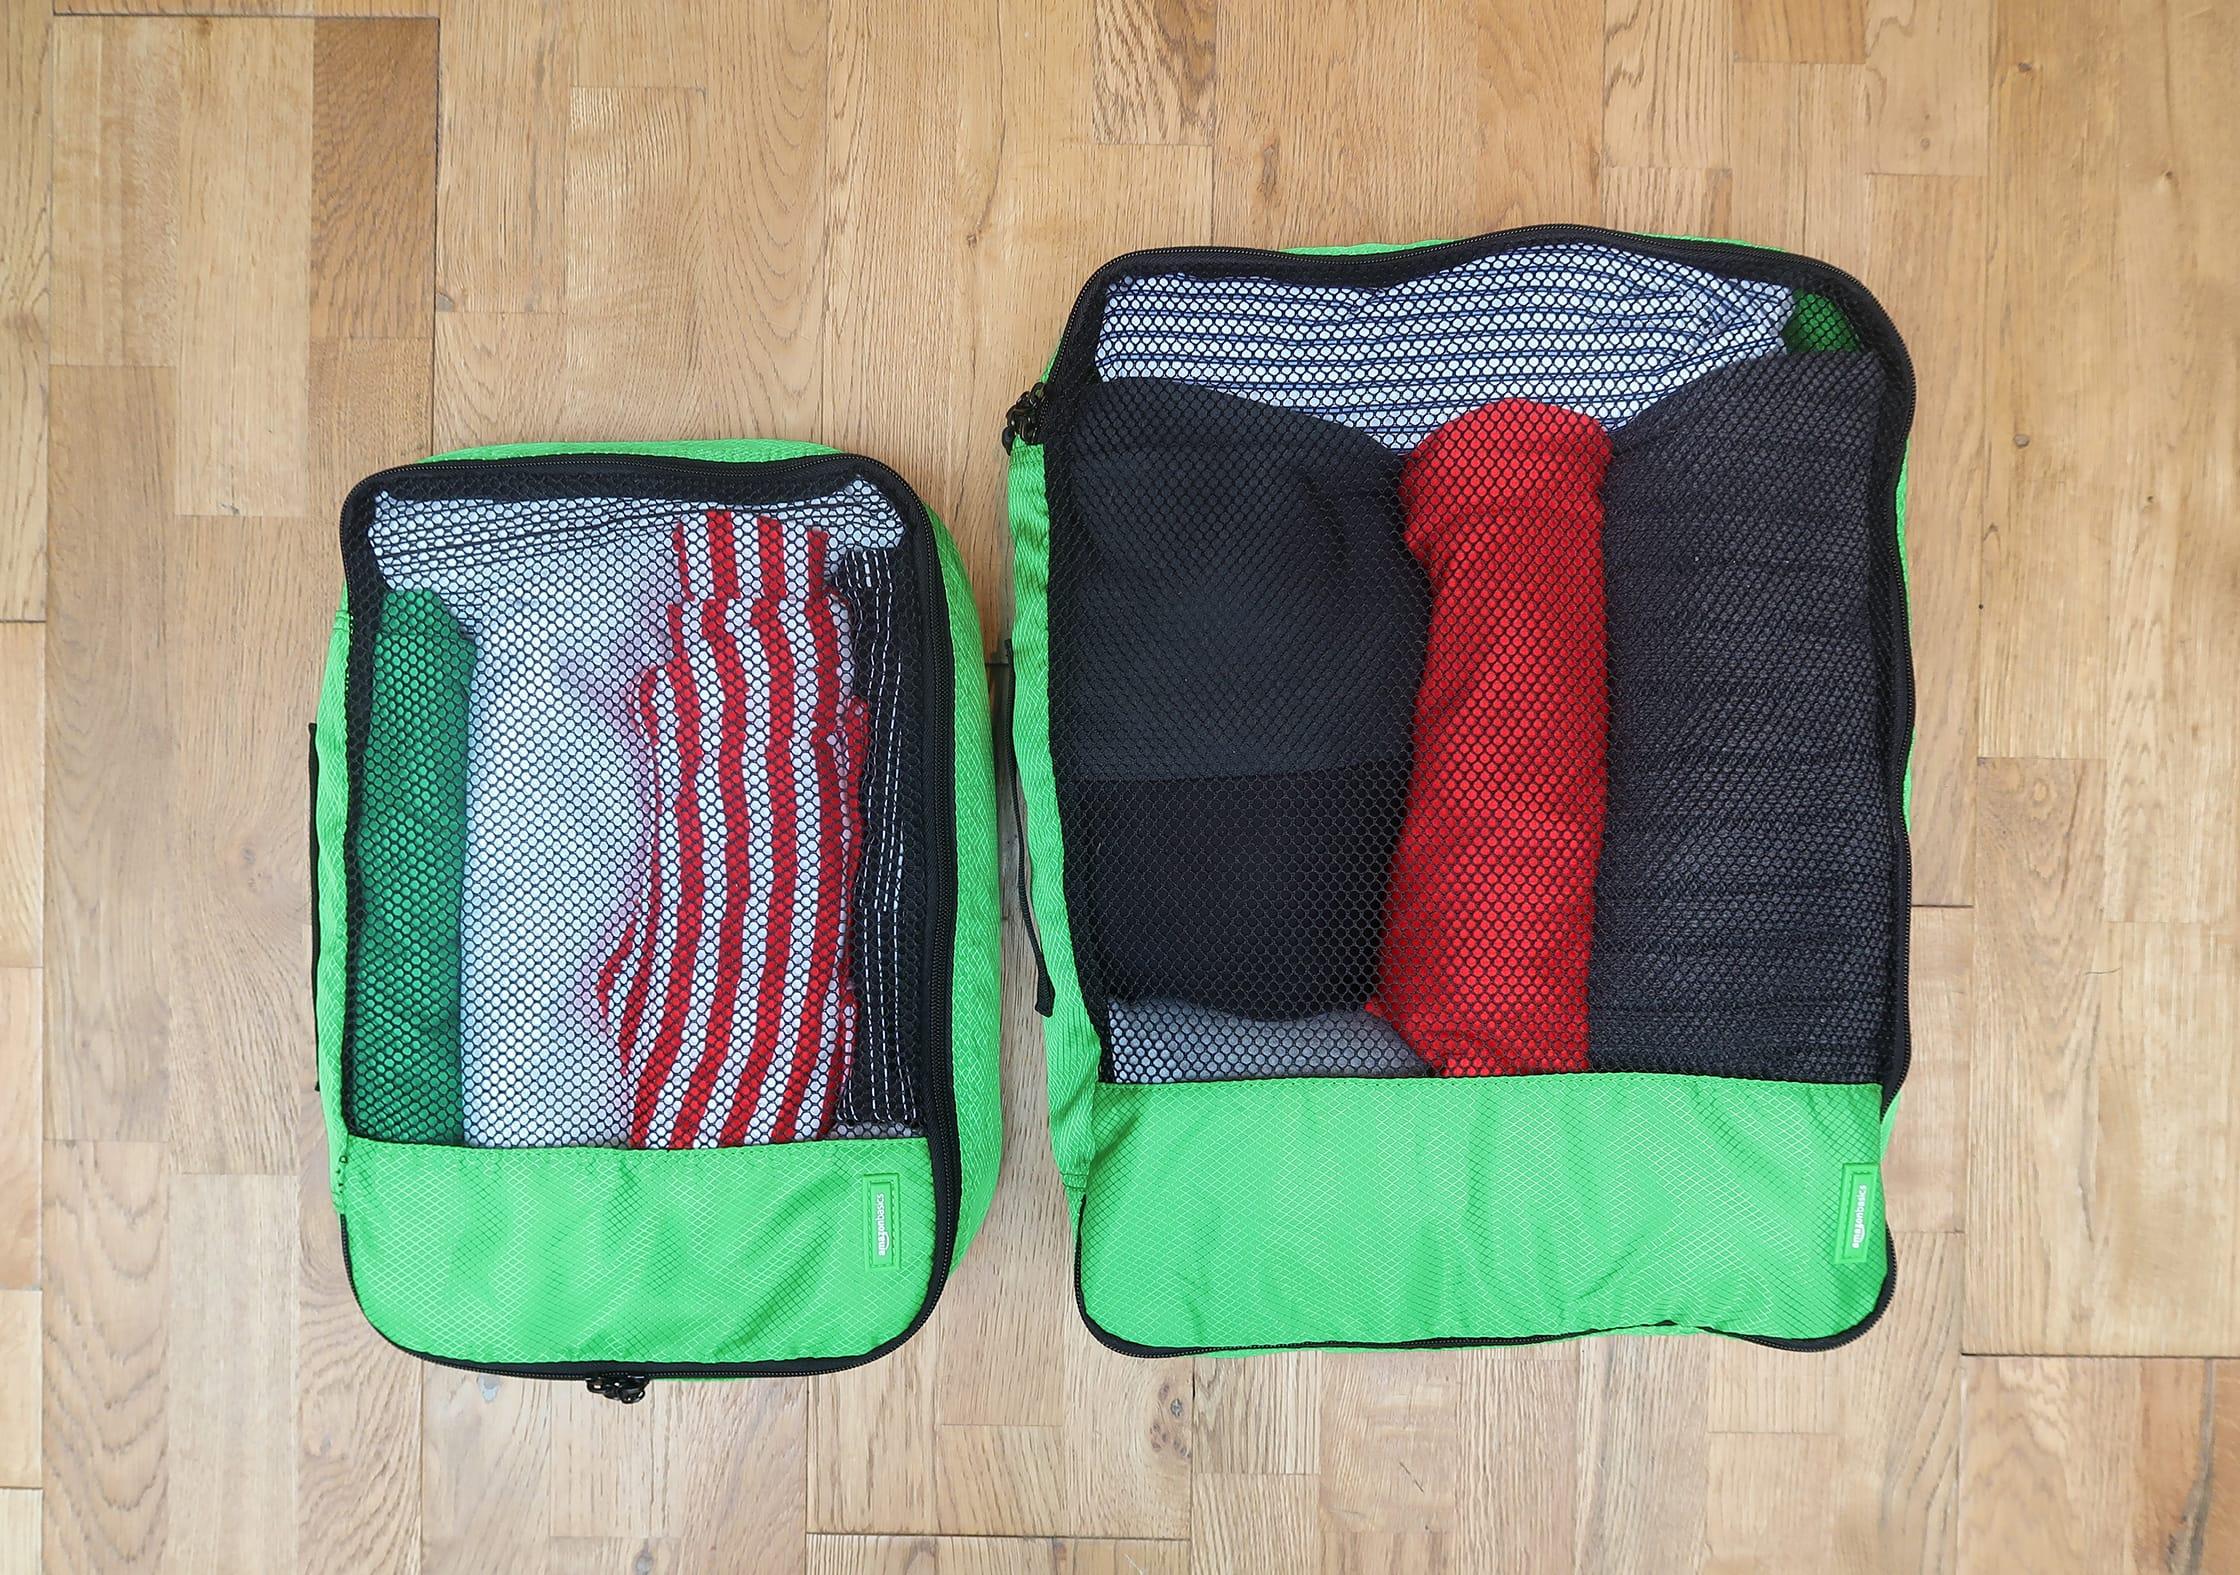 AmazonBasics Packing Cubes Large & Medium Sizes